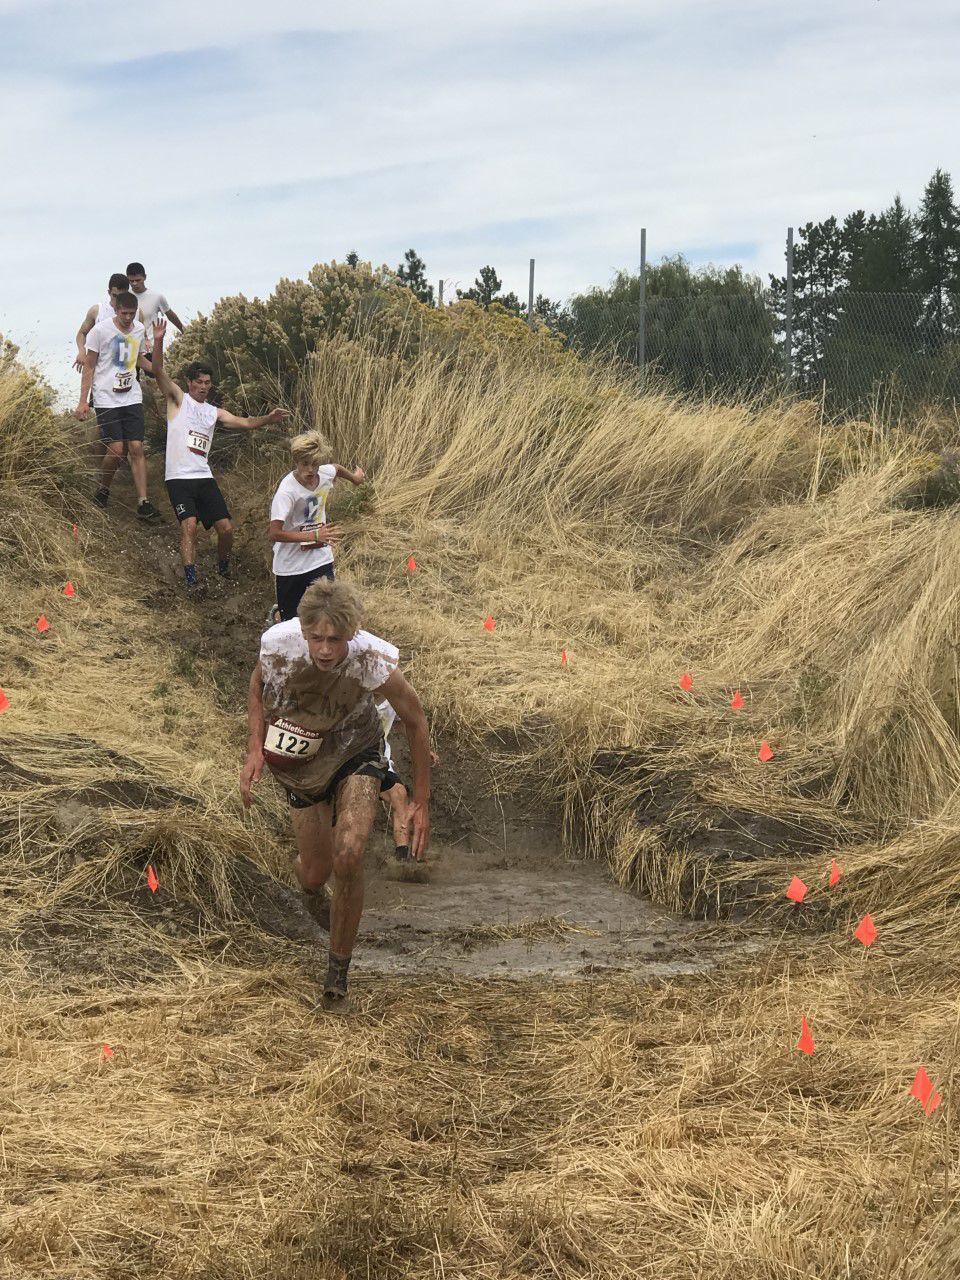 Mazama Mud Run